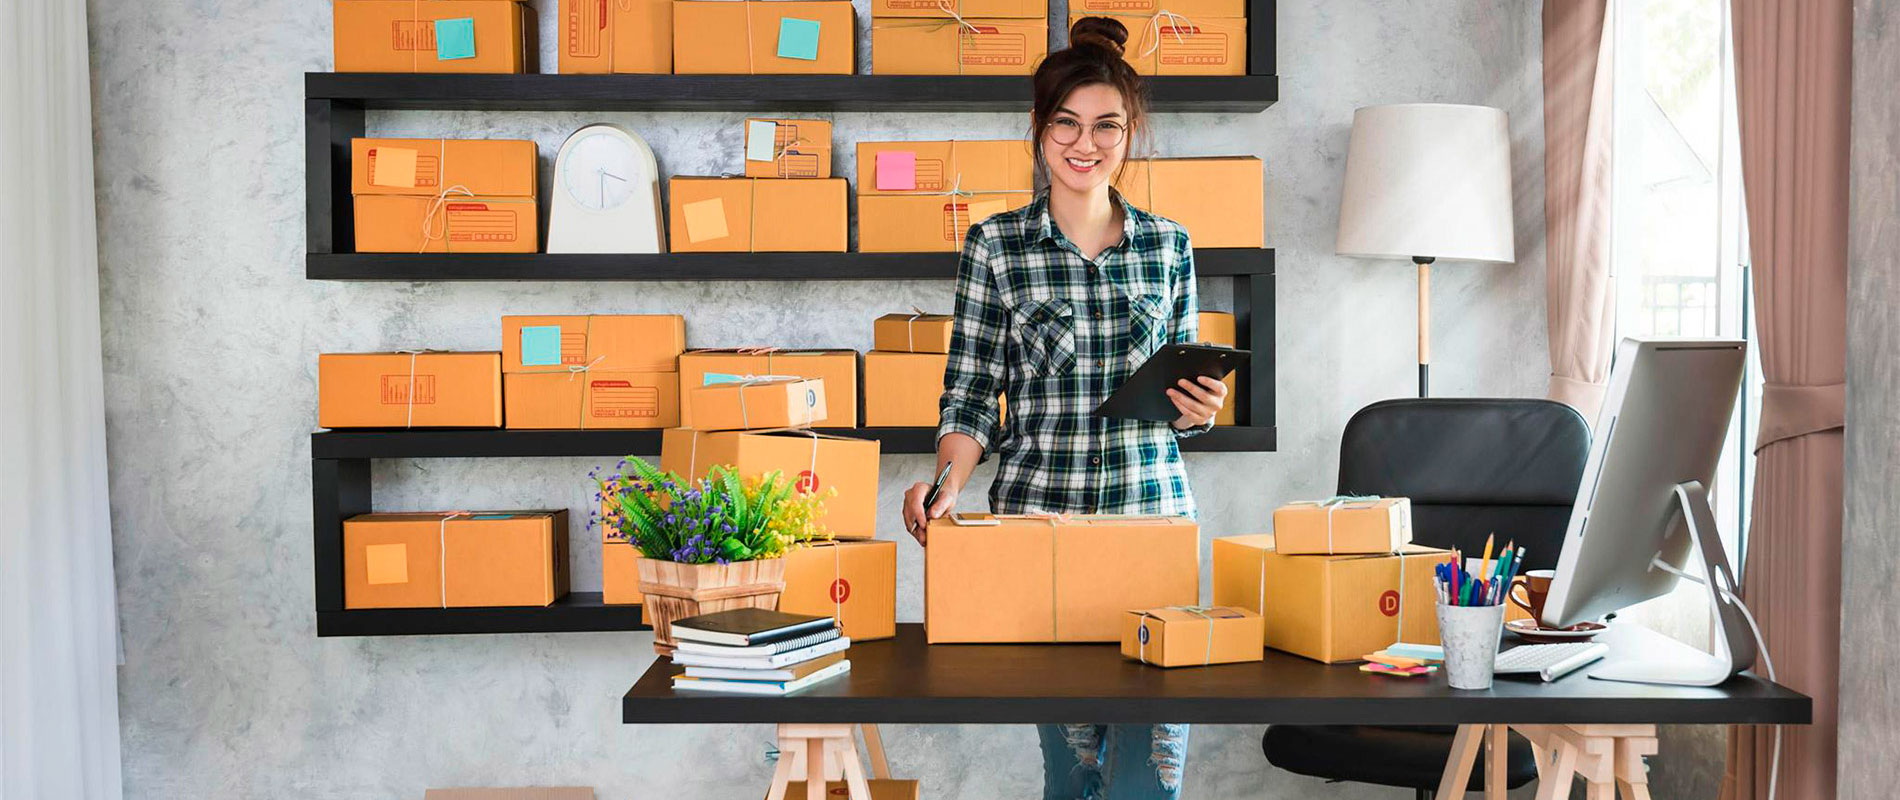 Como saber se estou preparado para vender online?